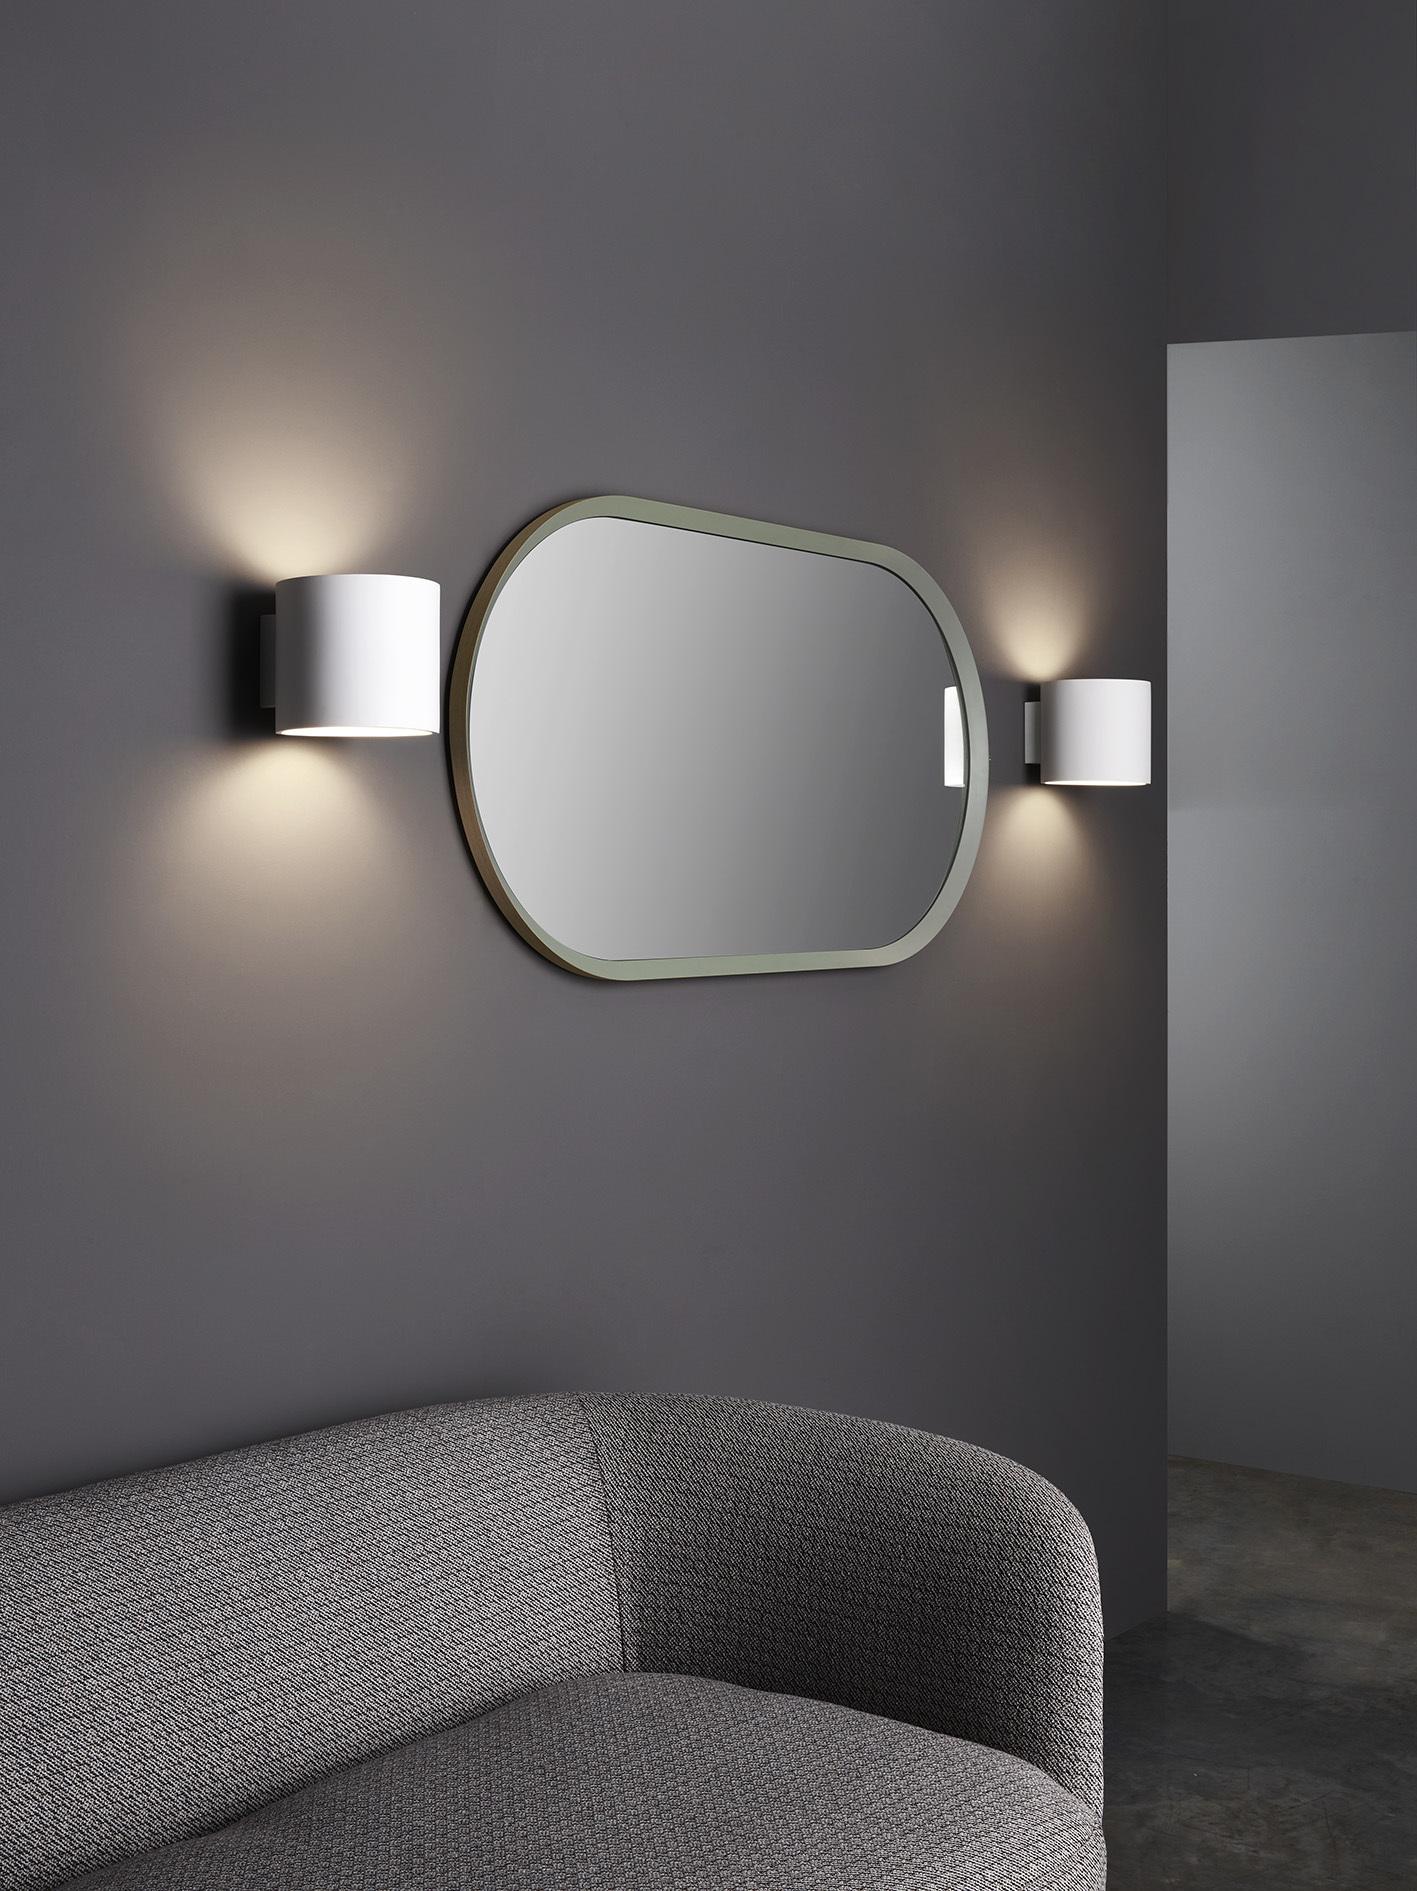 Настенный светильник Astro Brenta 1195003 (7261), 1xE27x60W, белый, под покраску, металл, гипс - фото 3